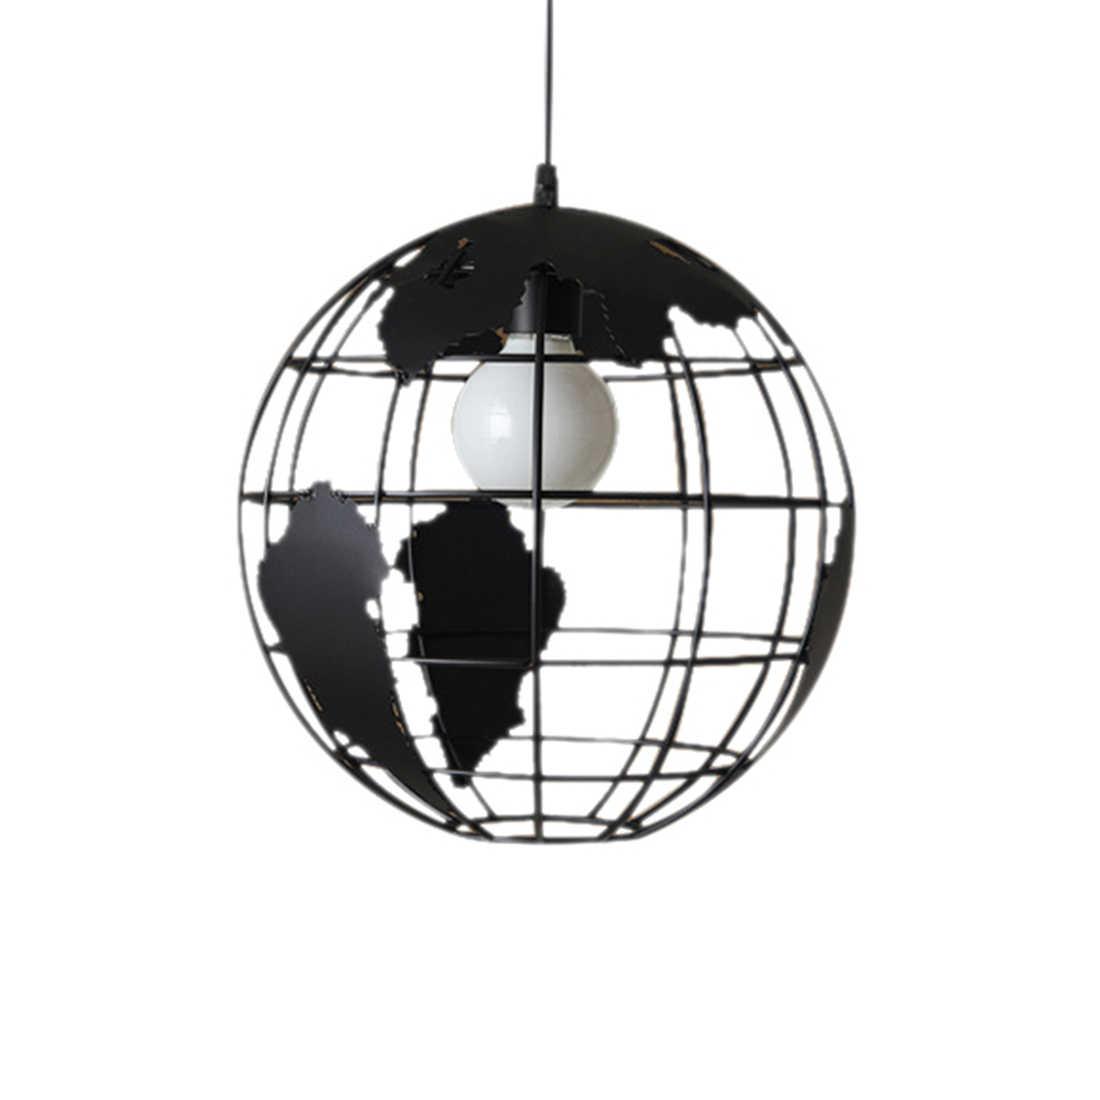 黒クリエイティブロフトコンチネンタルシングルレトログローブシャンデリア近代メタリックラウンジカフェカジュアル天井ランプ